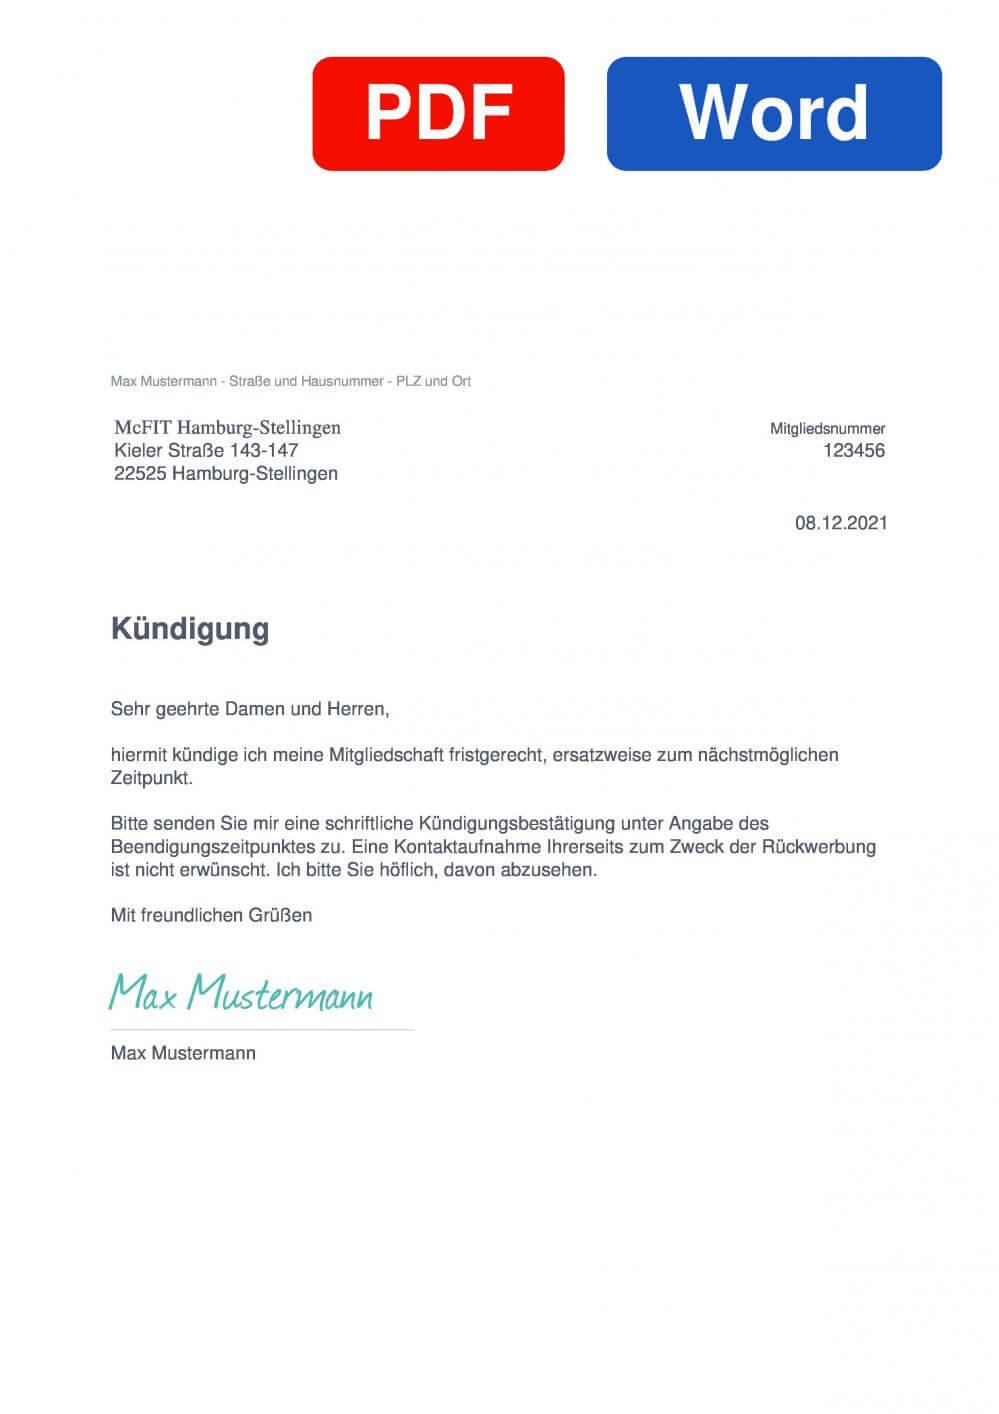 McFIT Hamburg-Stellingen Muster Vorlage für Kündigungsschreiben